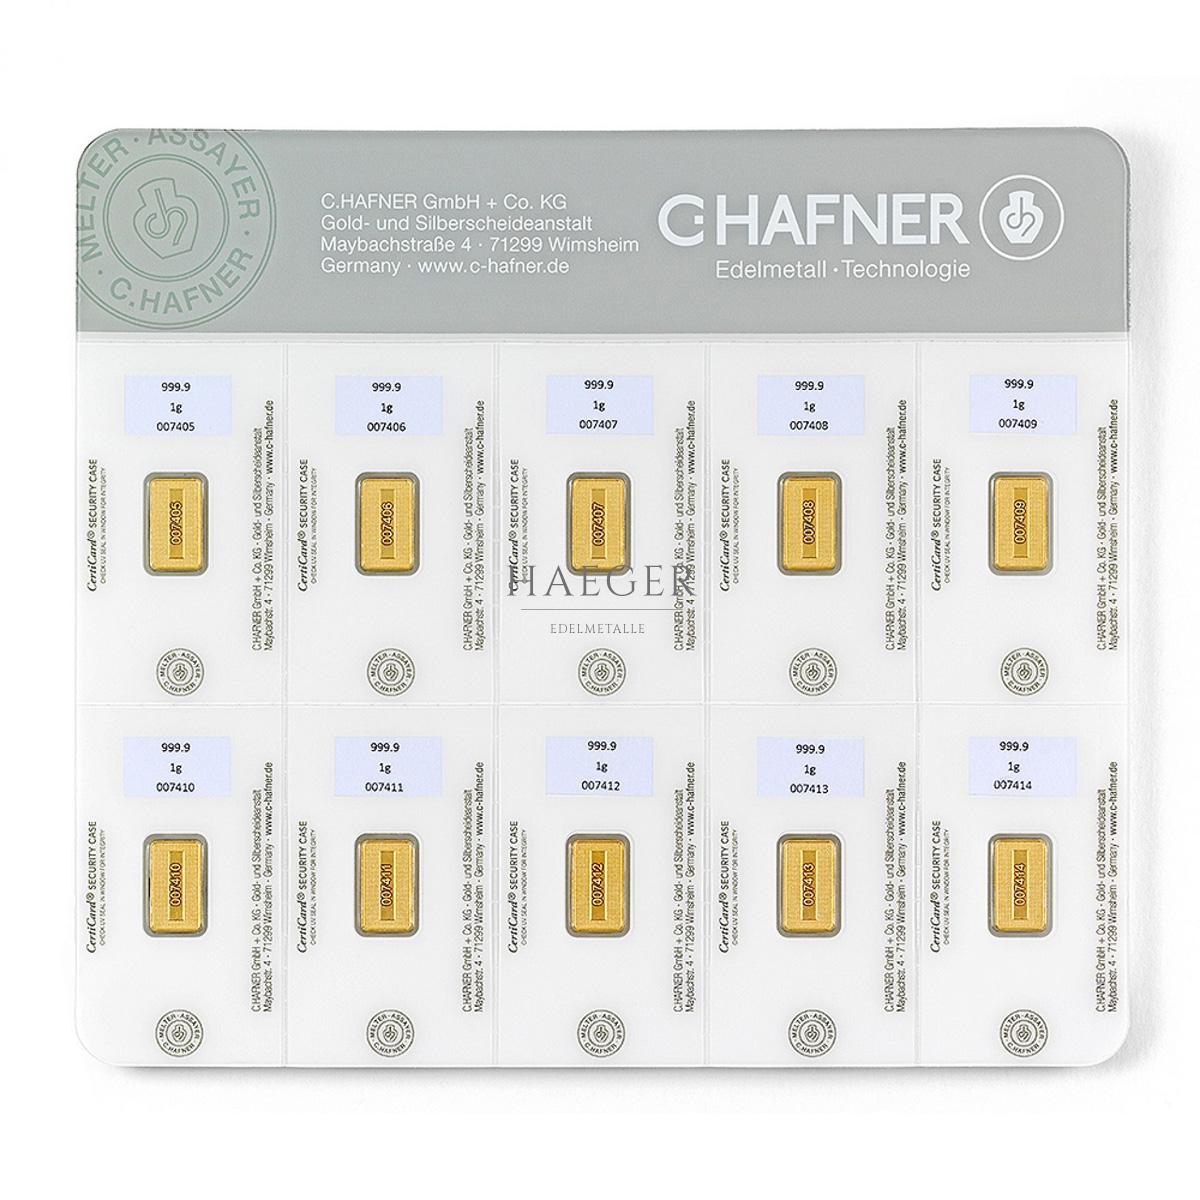 10g Smartpack Hafner c